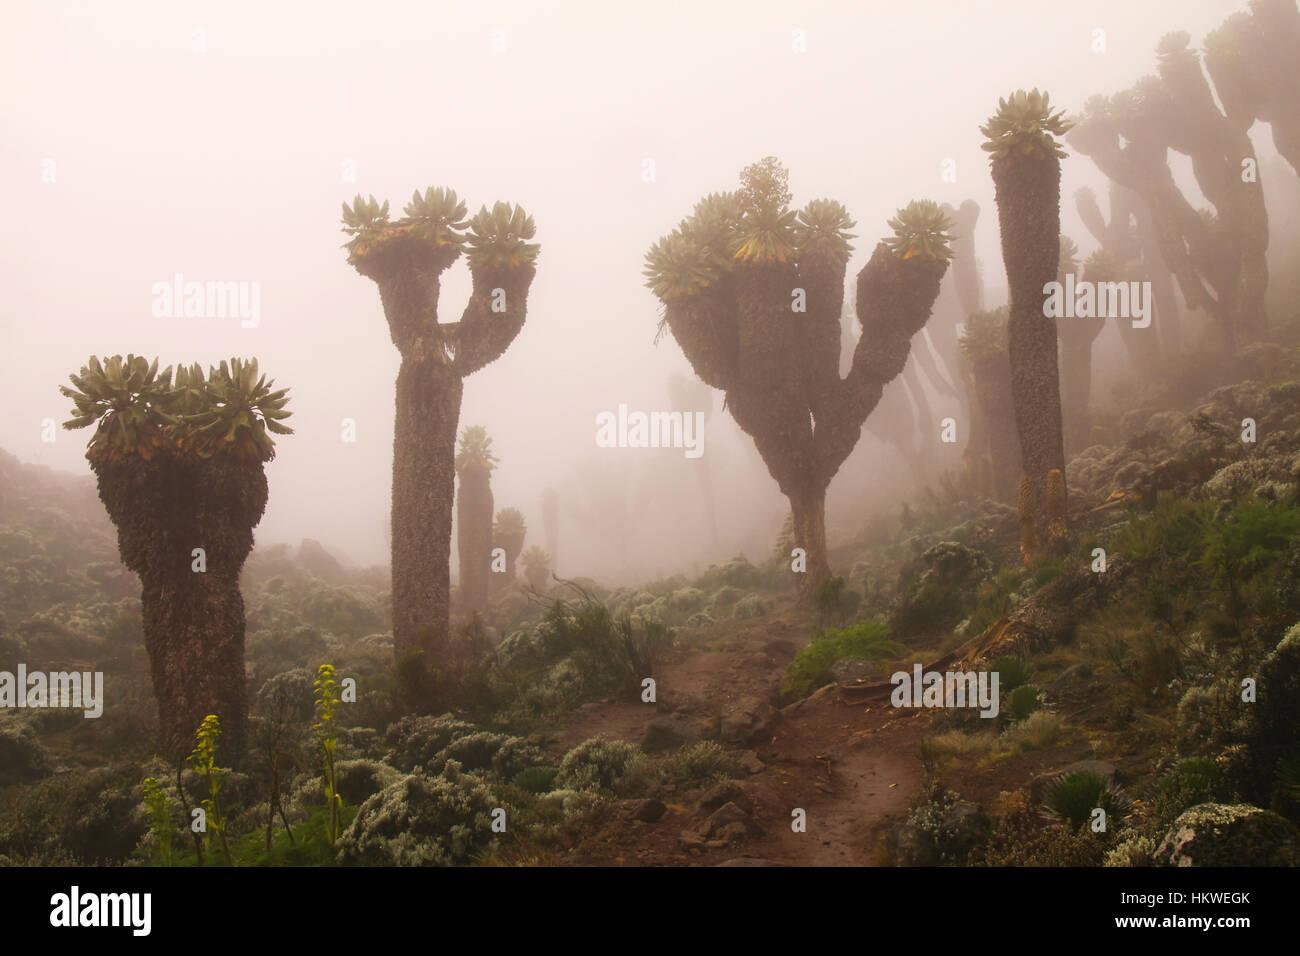 dendrosenecio-kilimanjari-giant-groundse